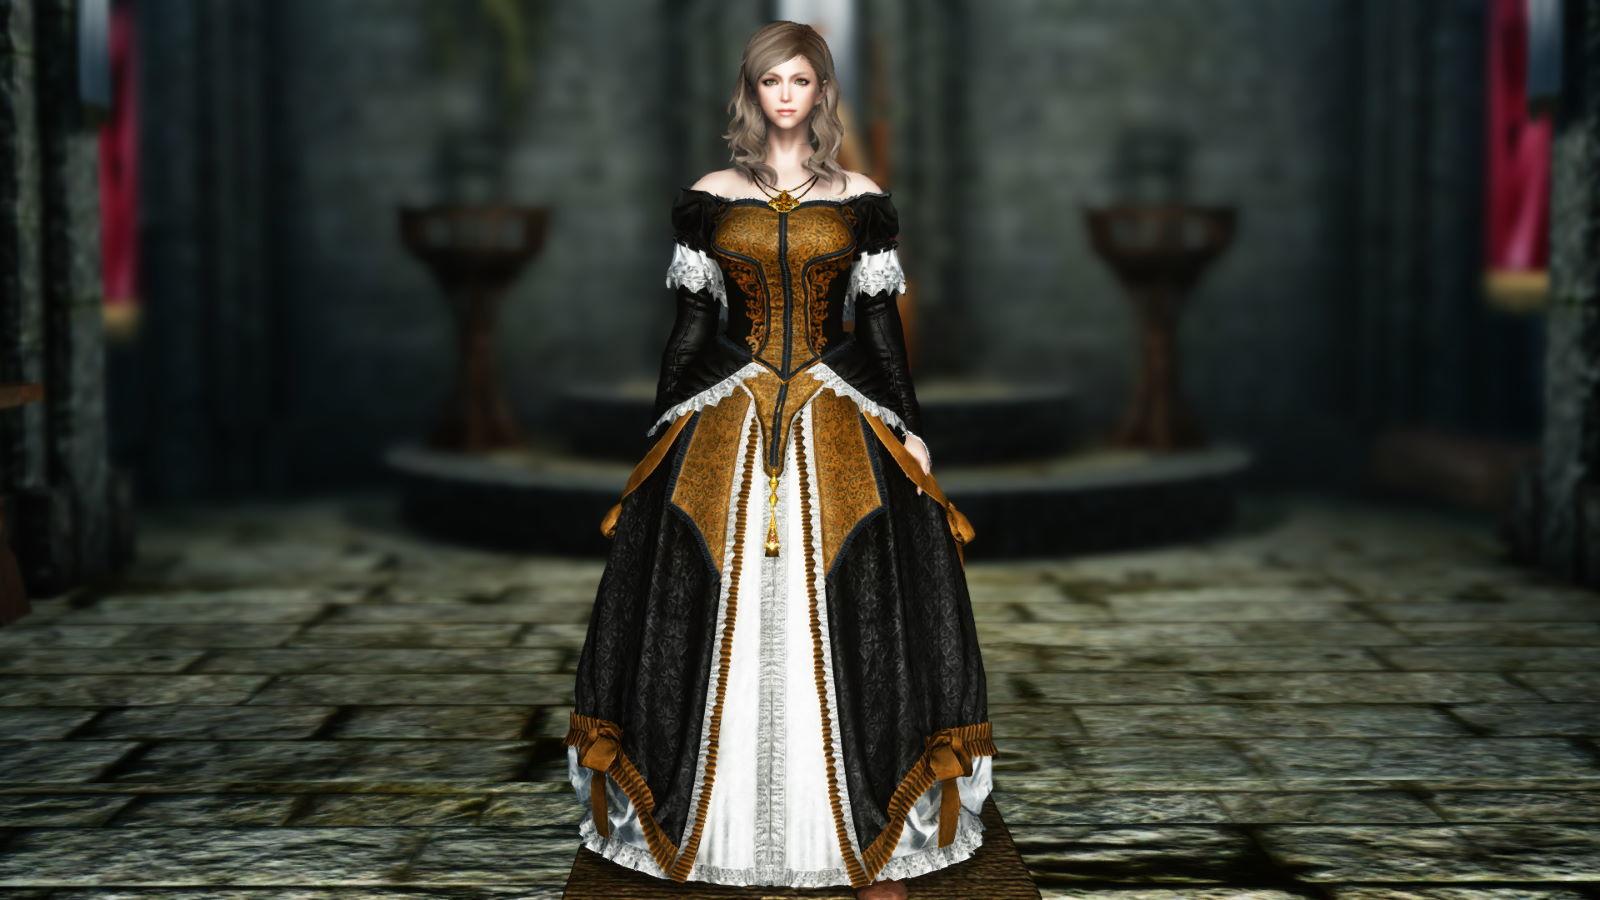 FullInuEliseDressSK 210-1 Pose Dress 1